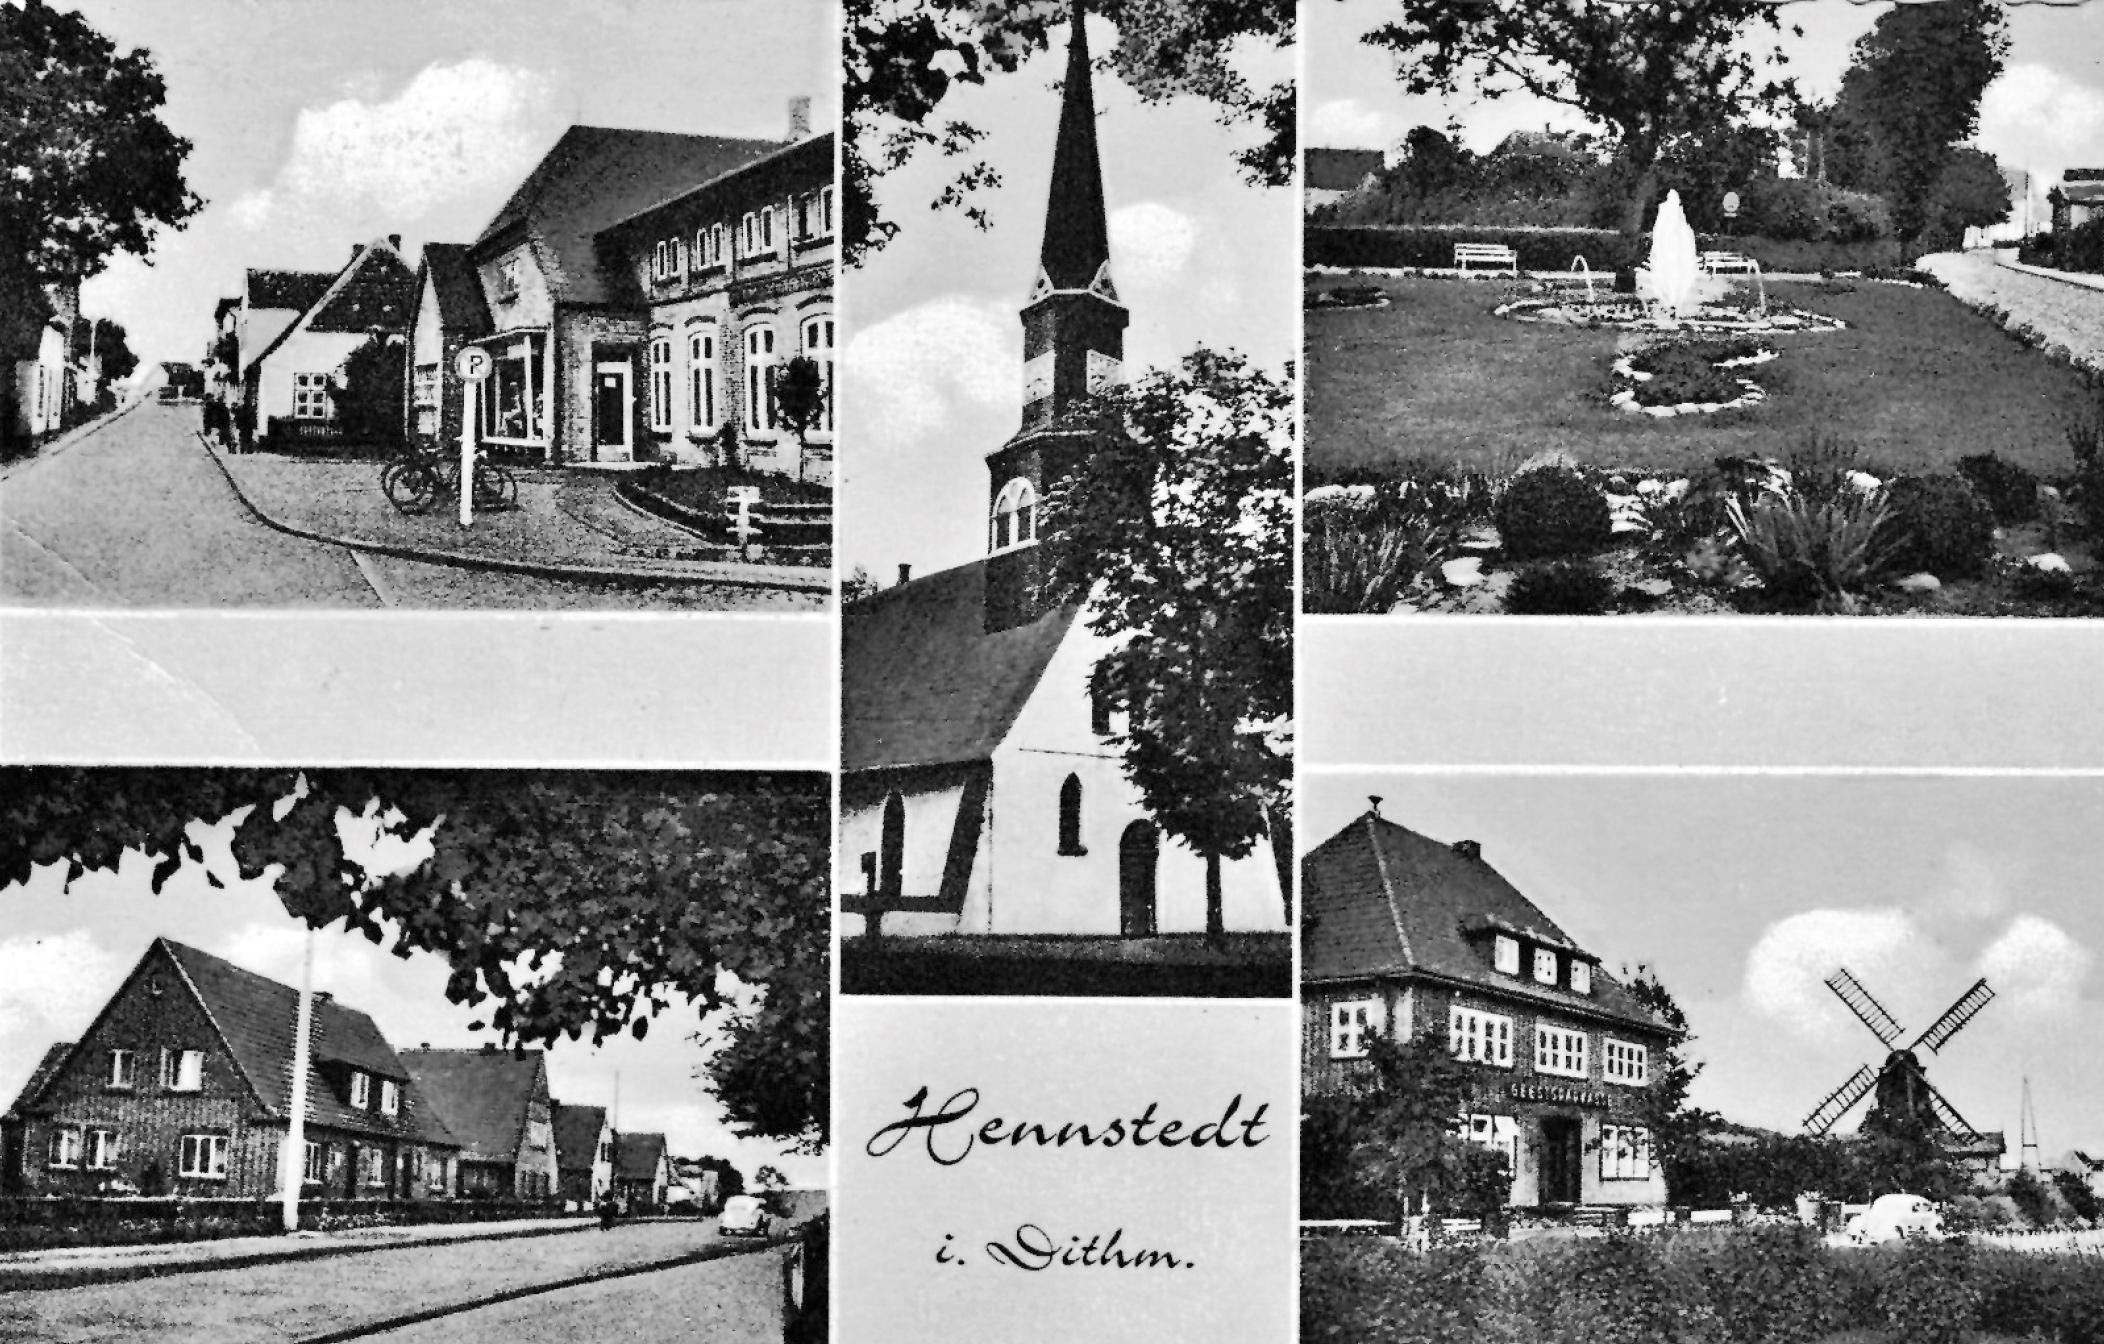 dorf_bilder/Chronik-Hennstedt-312.jpg